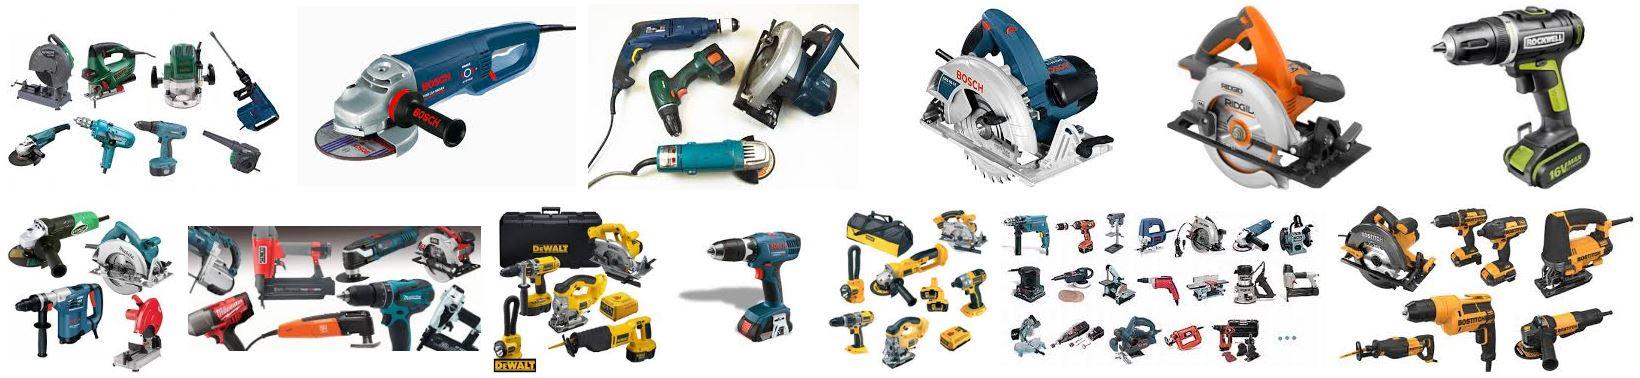 Buy Tools Online